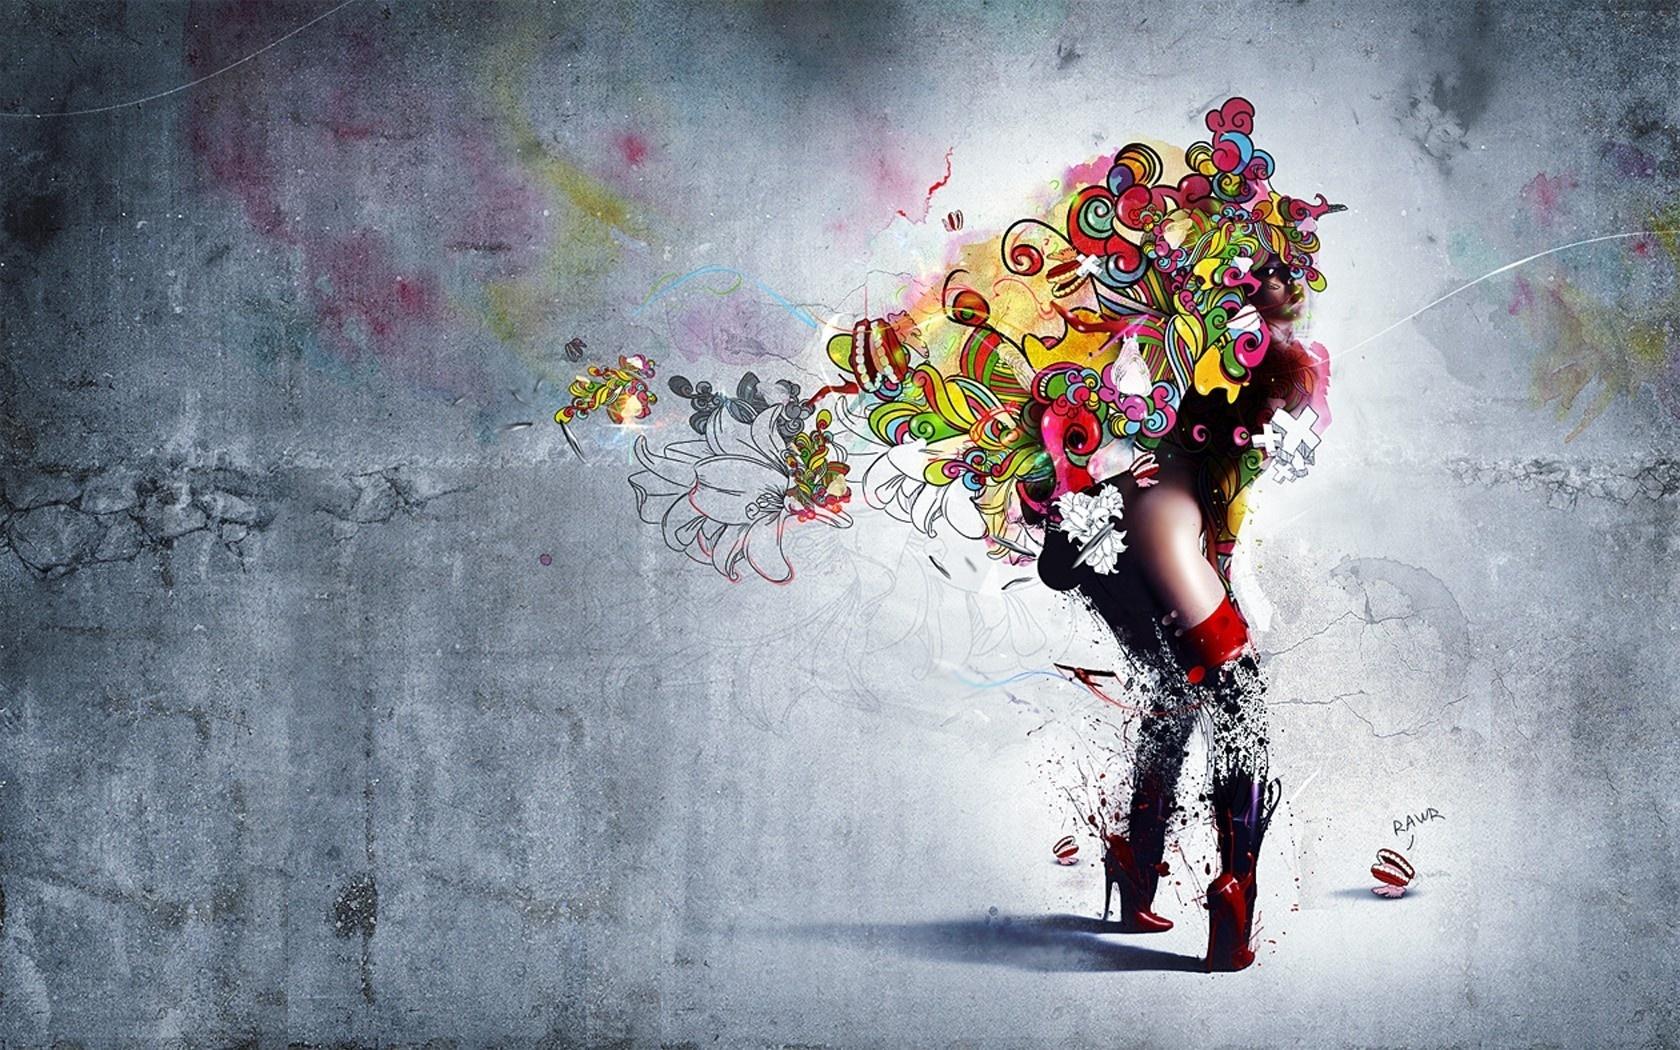 графика абстракция девушка цветы graphics abstraction girl flowers  № 2062359 бесплатно